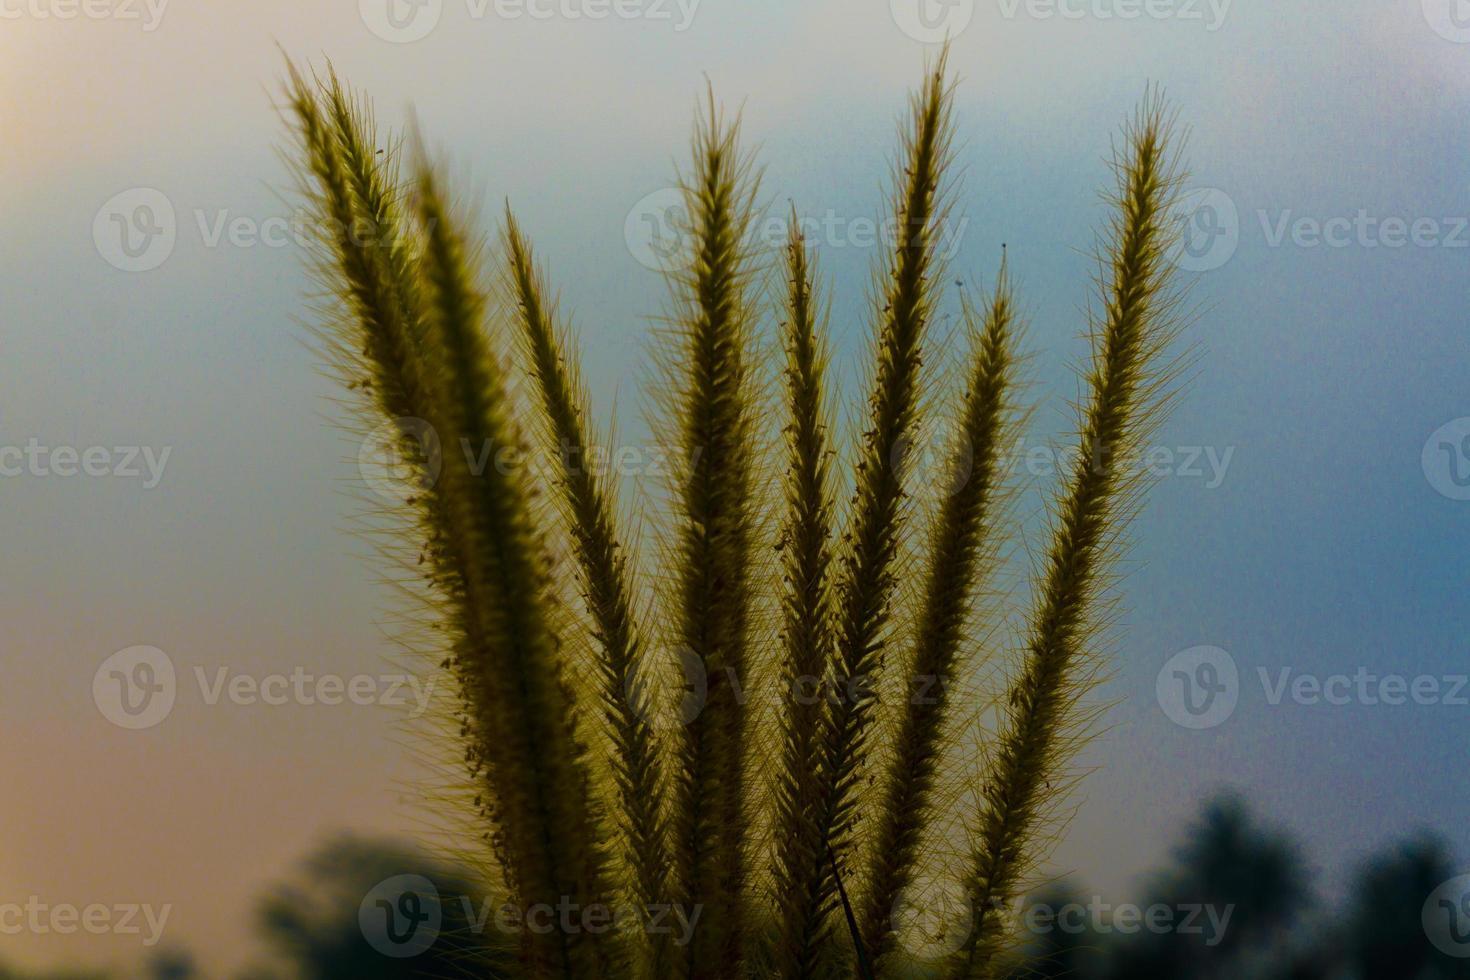 vacker natur av vass i det vilda foto